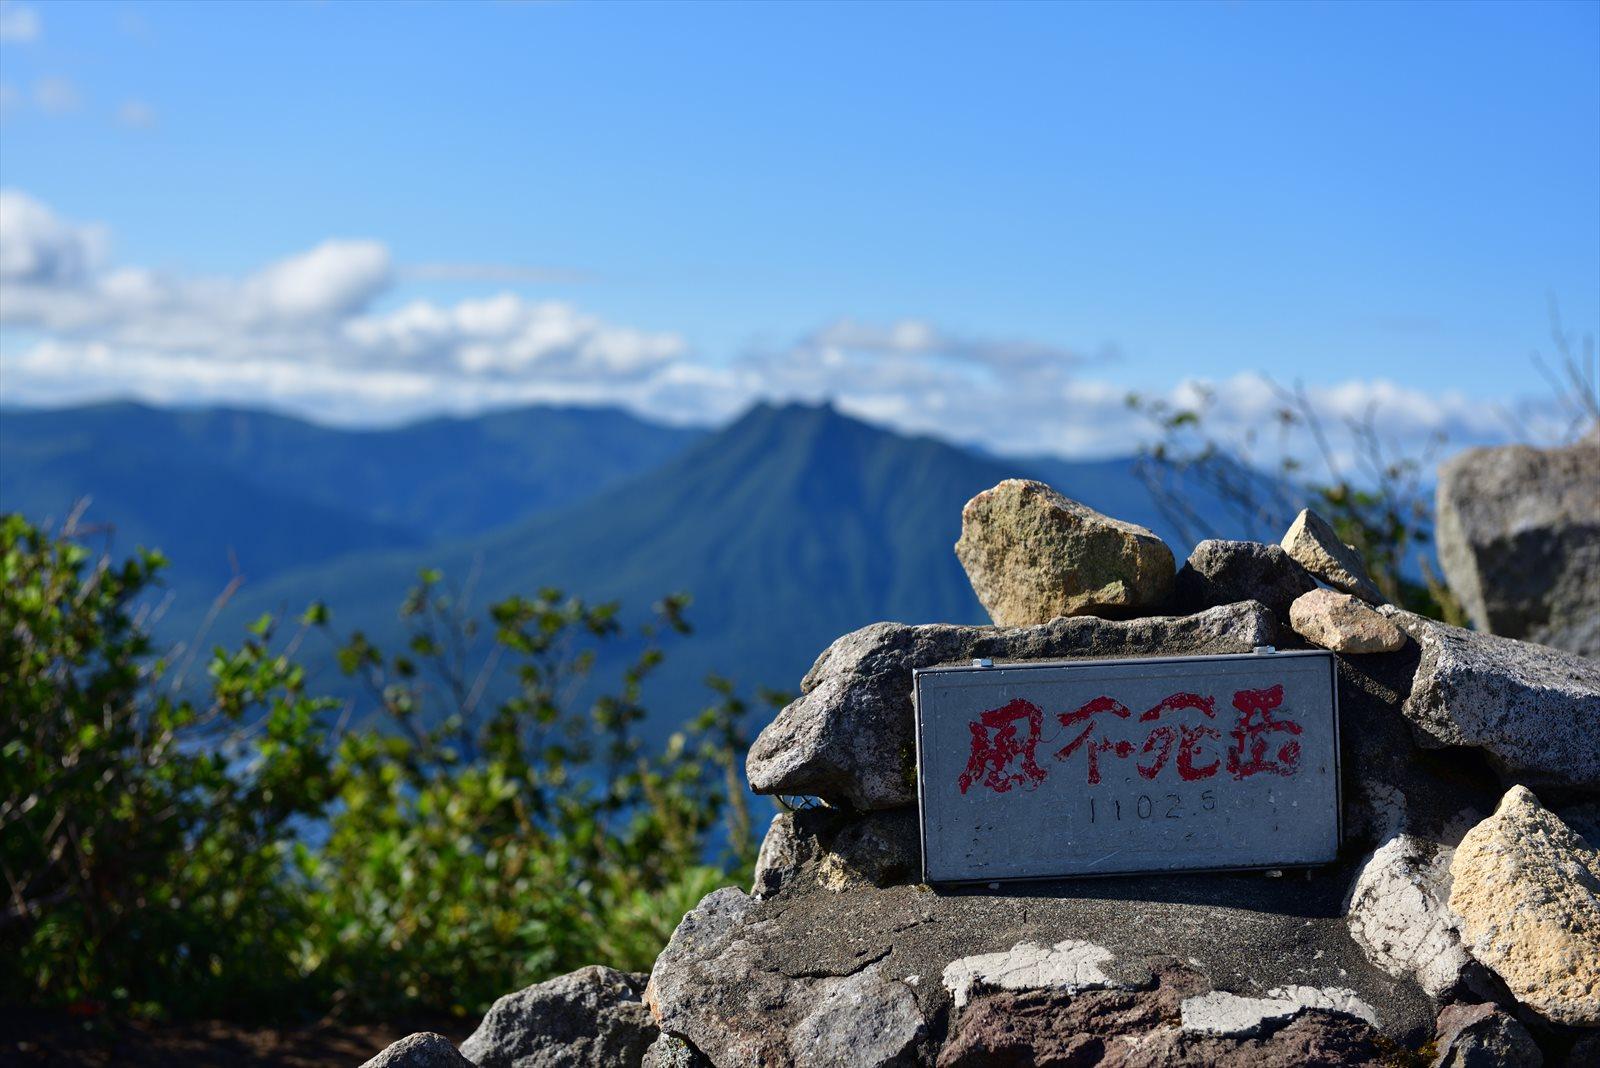 【3年越しの約束】 楓沢から風不死岳へ! 2018.9.1 後編_a0145819_10313798.jpg